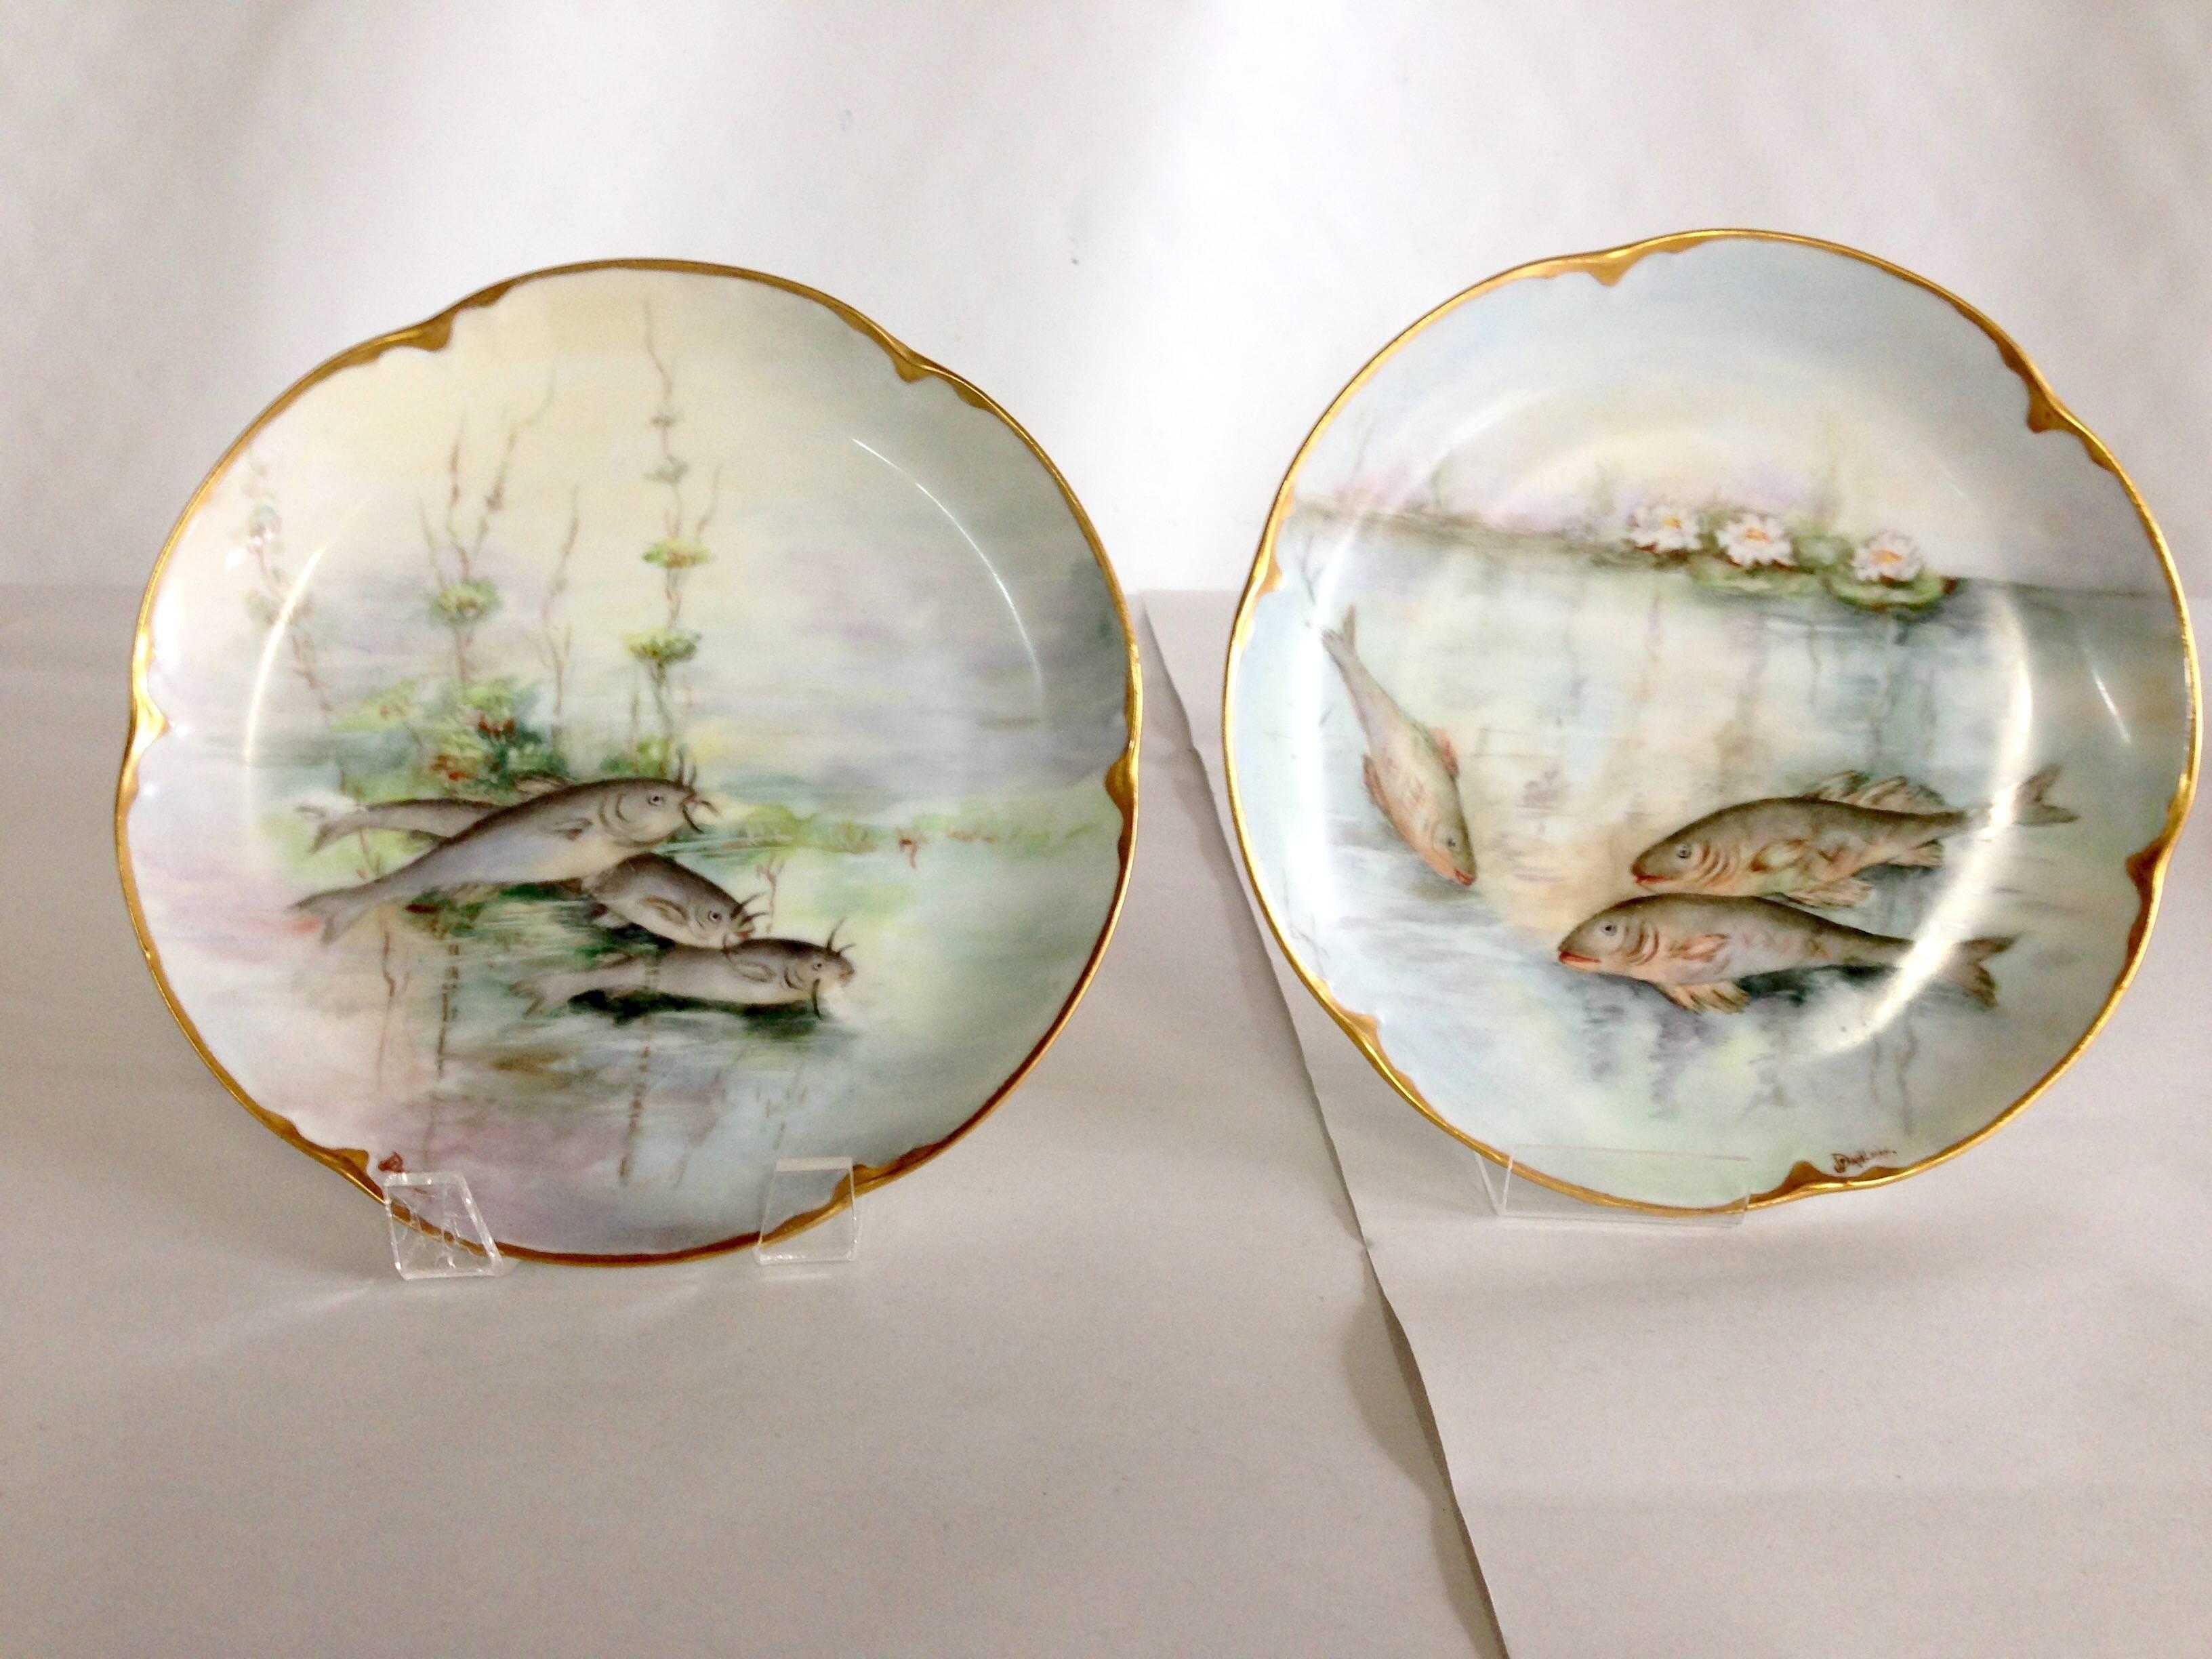 Antique Haviland Limoge and JHR Bavaria Porcelain Fish Service Set of Seven For Sale at 1stdibs & Antique Haviland Limoge and JHR Bavaria Porcelain Fish Service Set ...